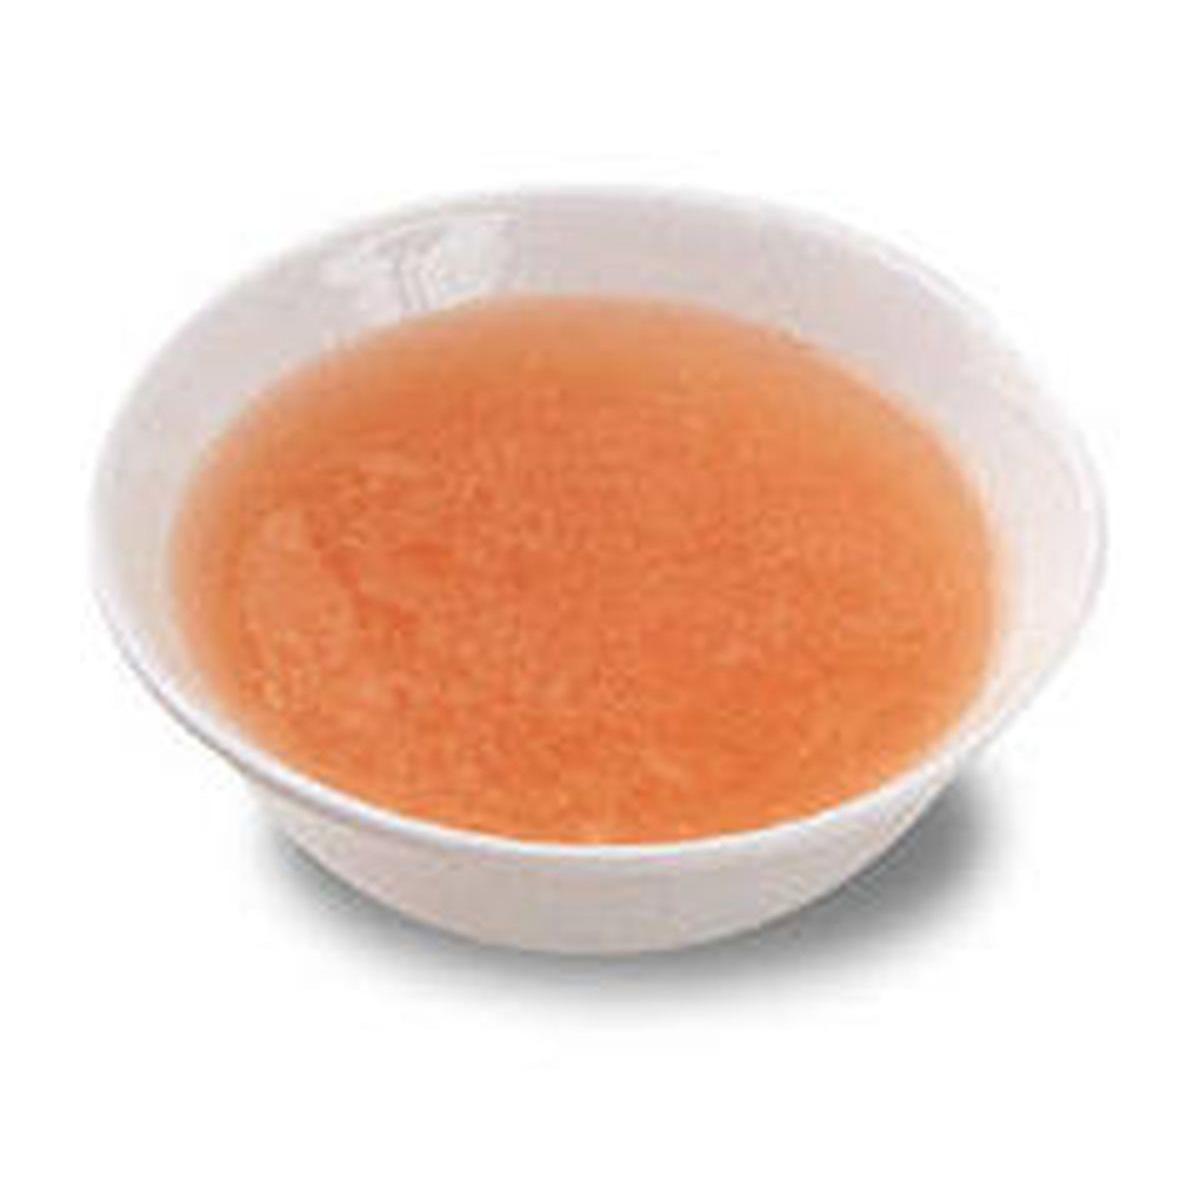 食譜:蜜汁火腿醬